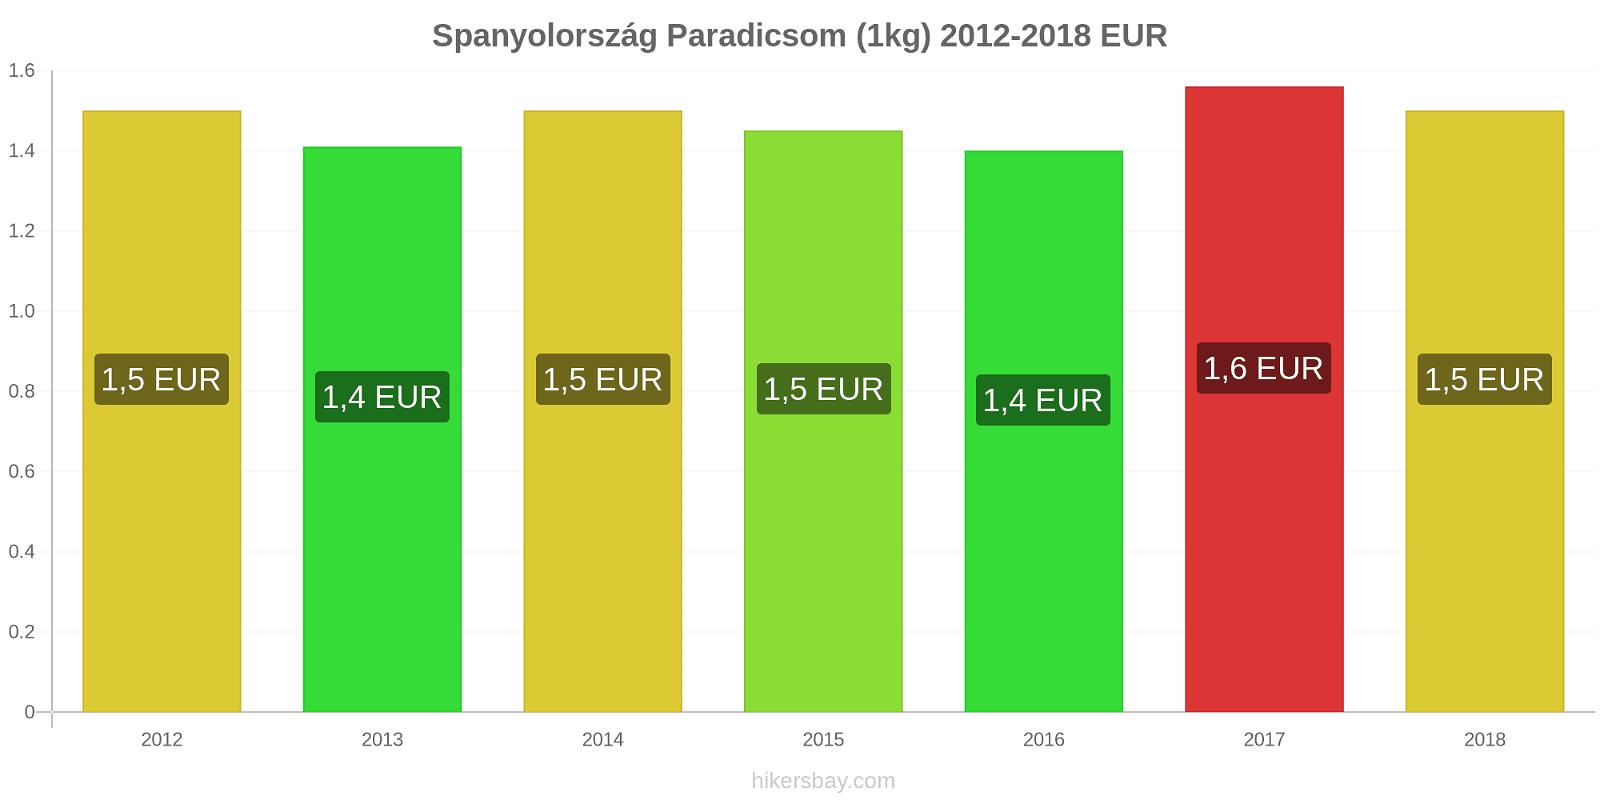 Spanyolország árváltozások Paradicsom (1kg) hikersbay.com